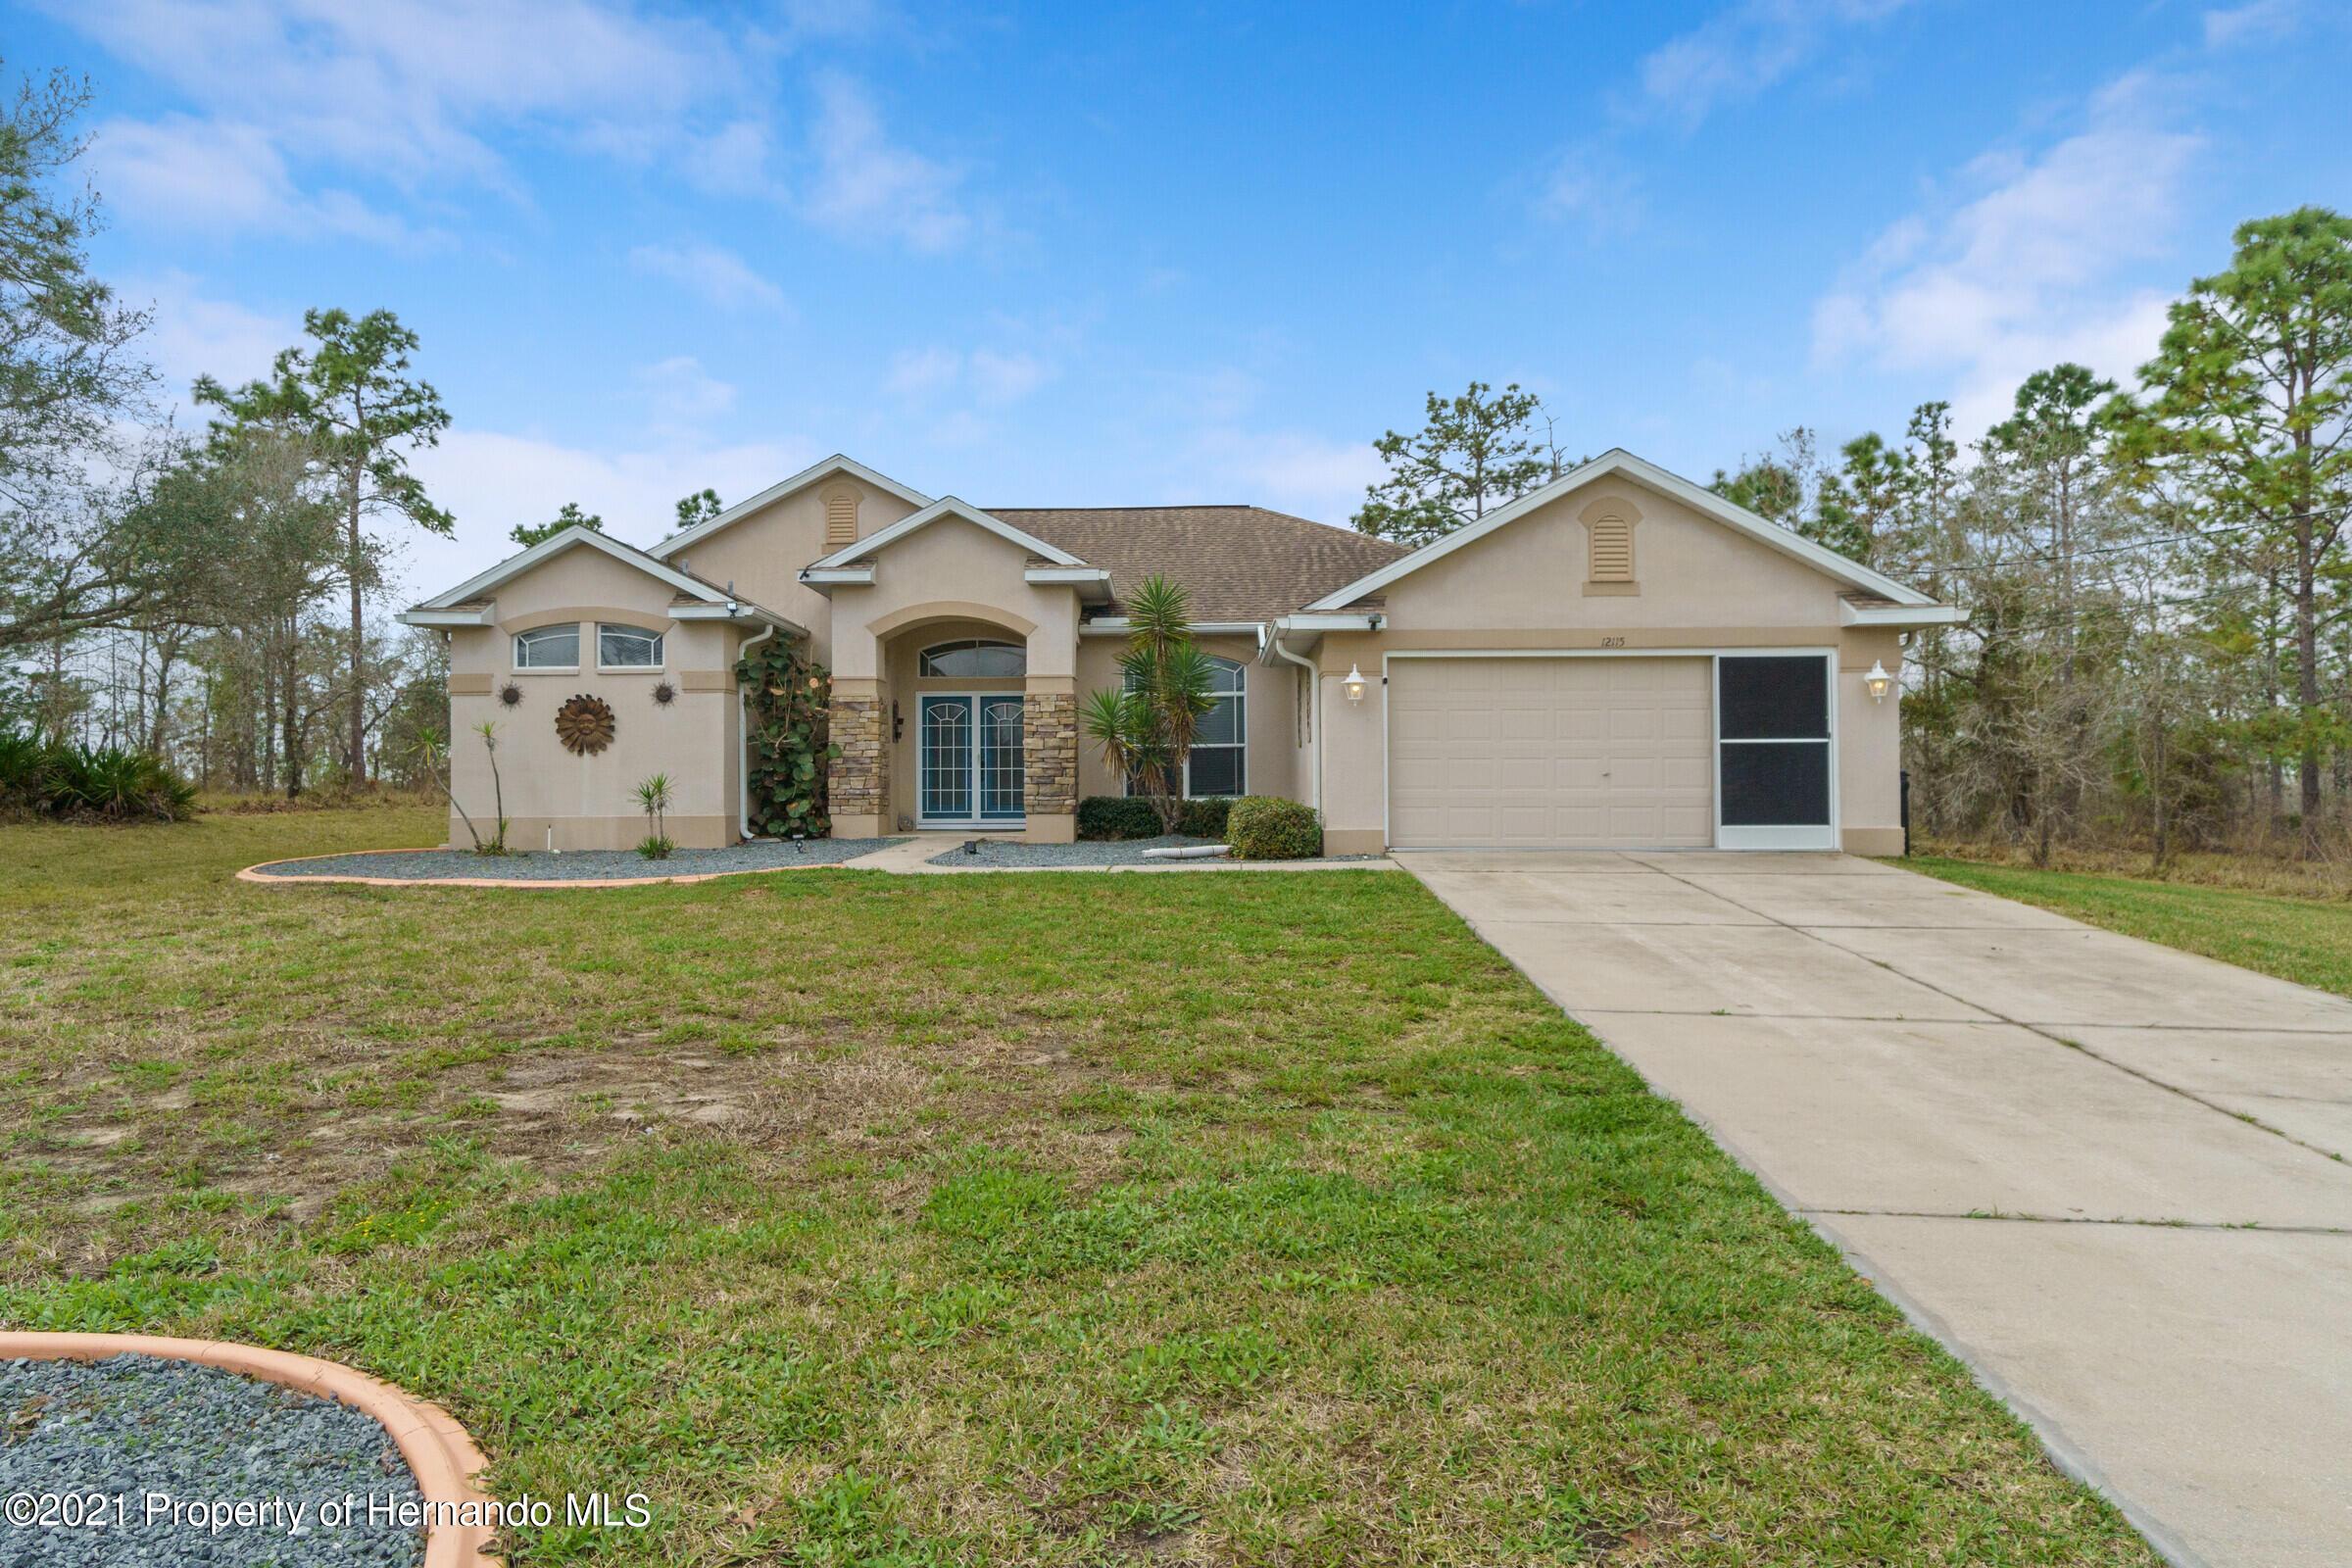 Details for 12115 Everglades Kite Road, Weeki Wachee, FL 34614